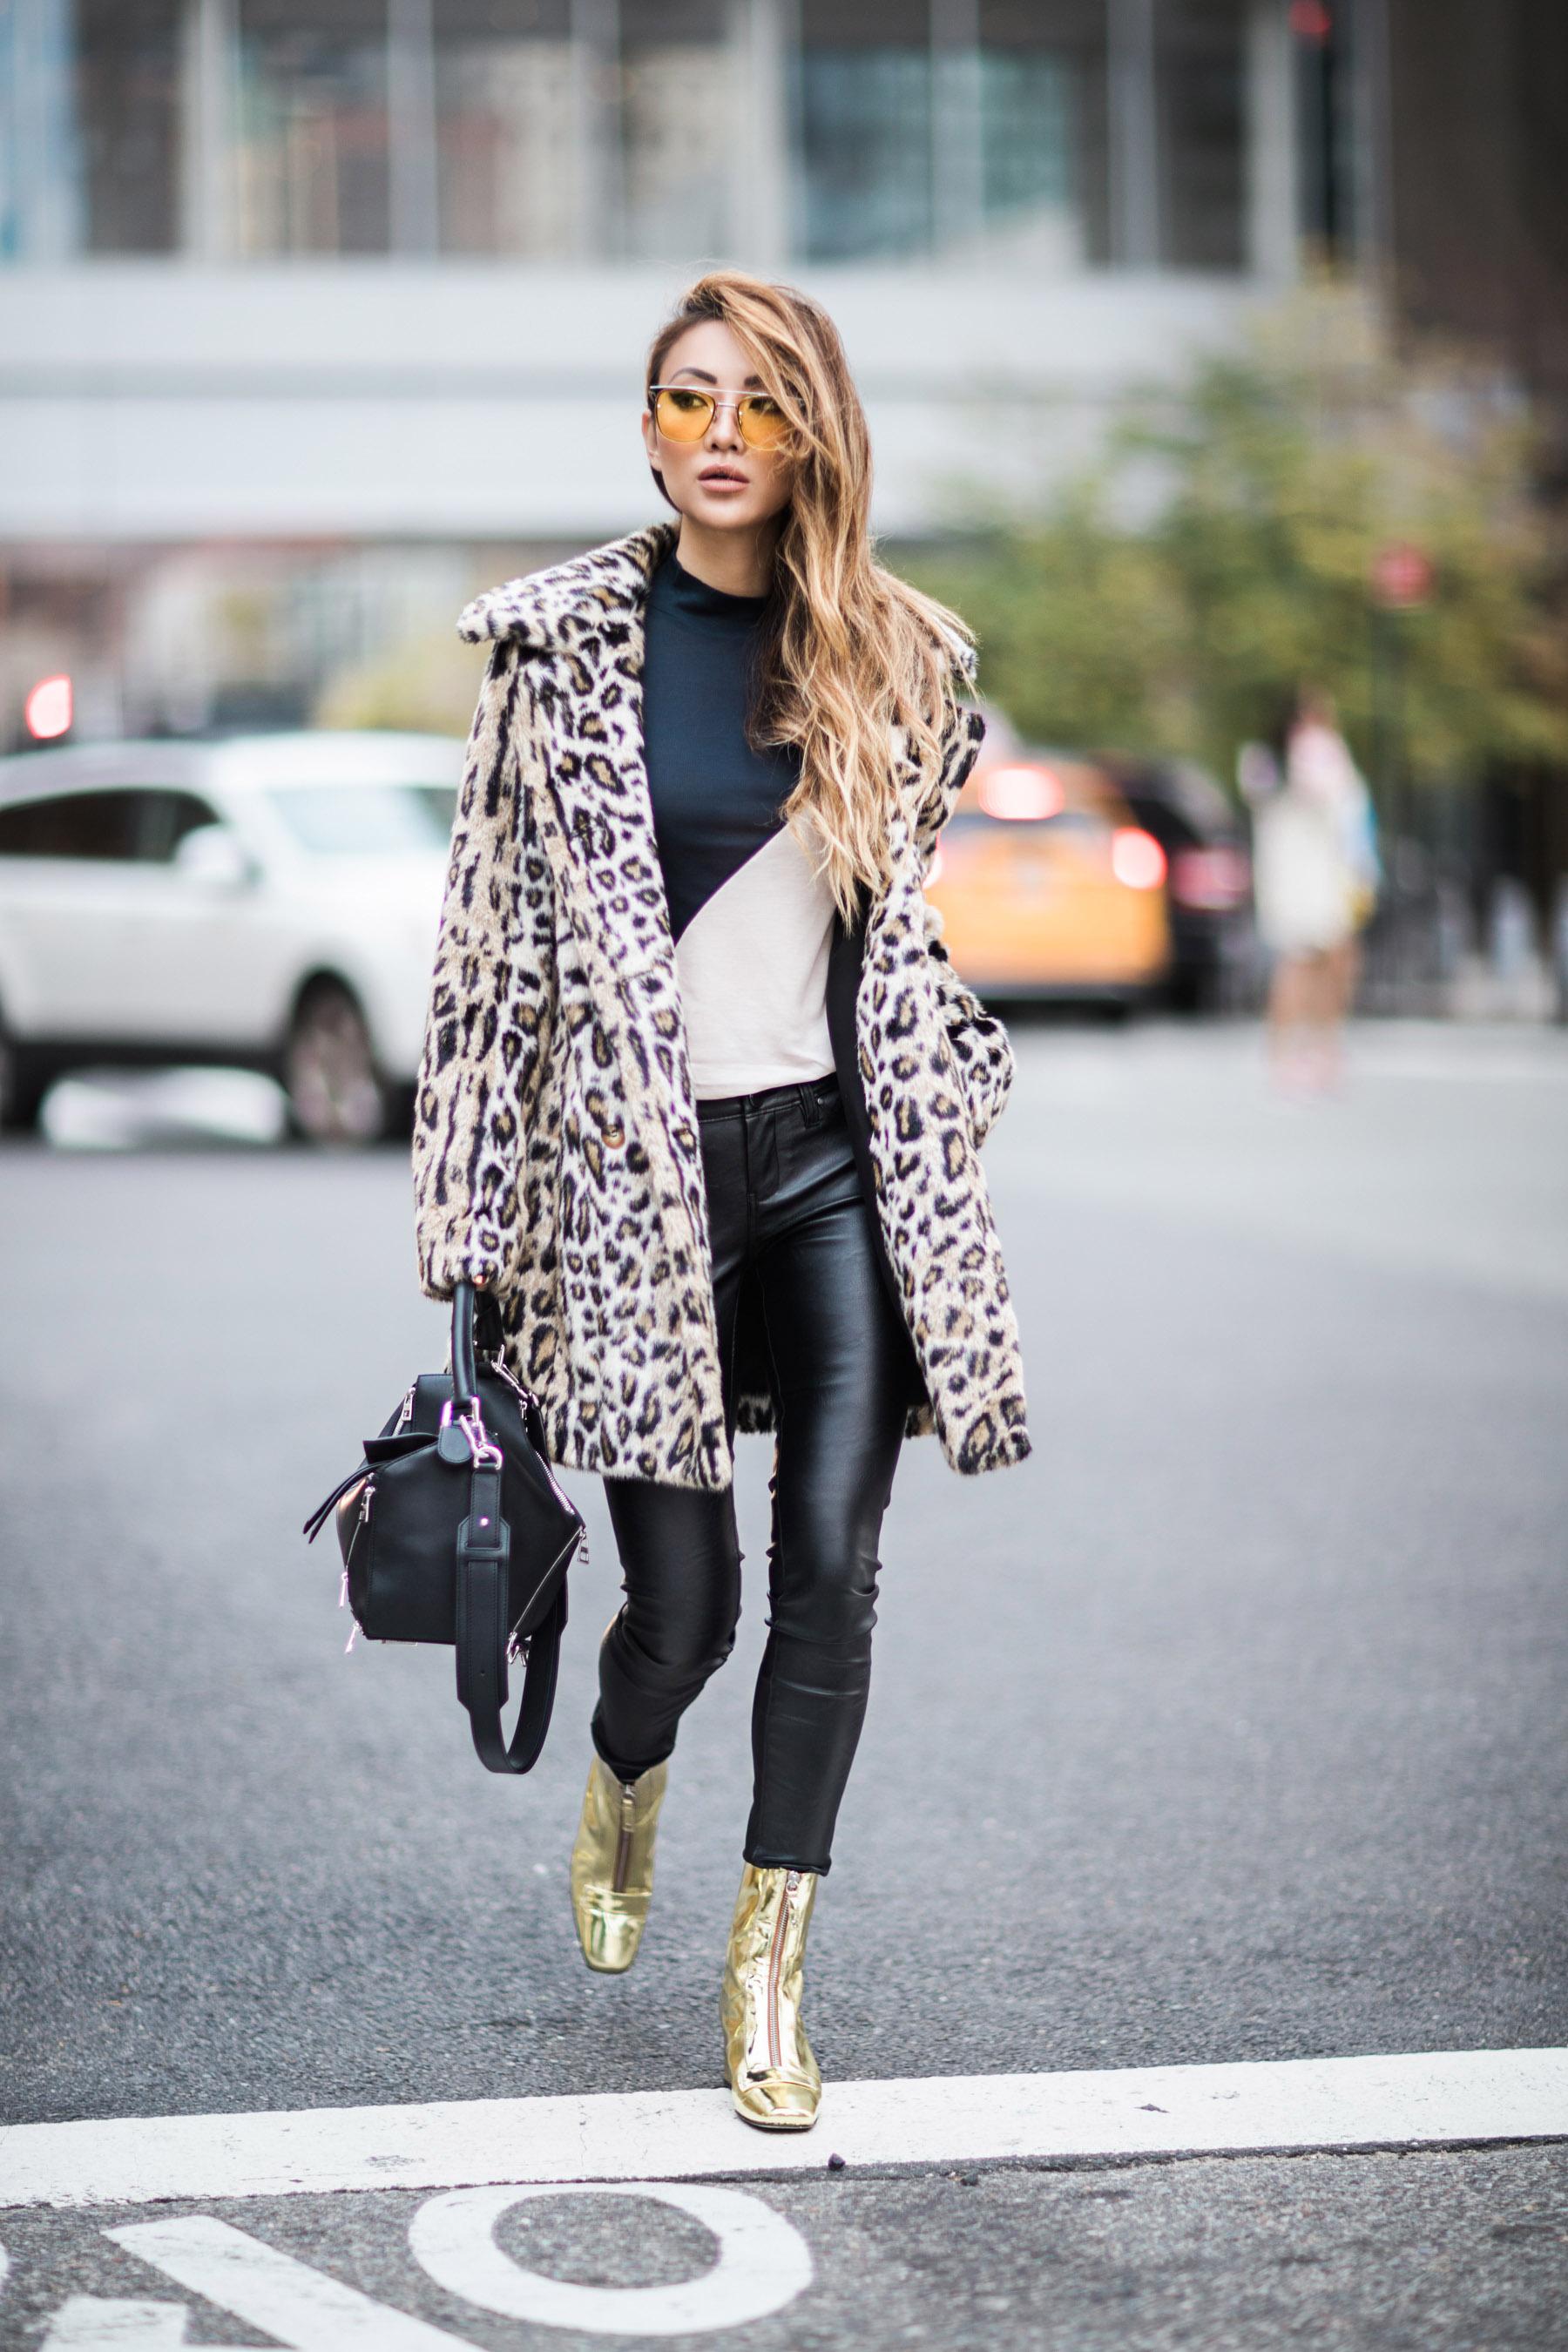 How to Wear Leopard Print Like A Pro // NotJessFashion.com